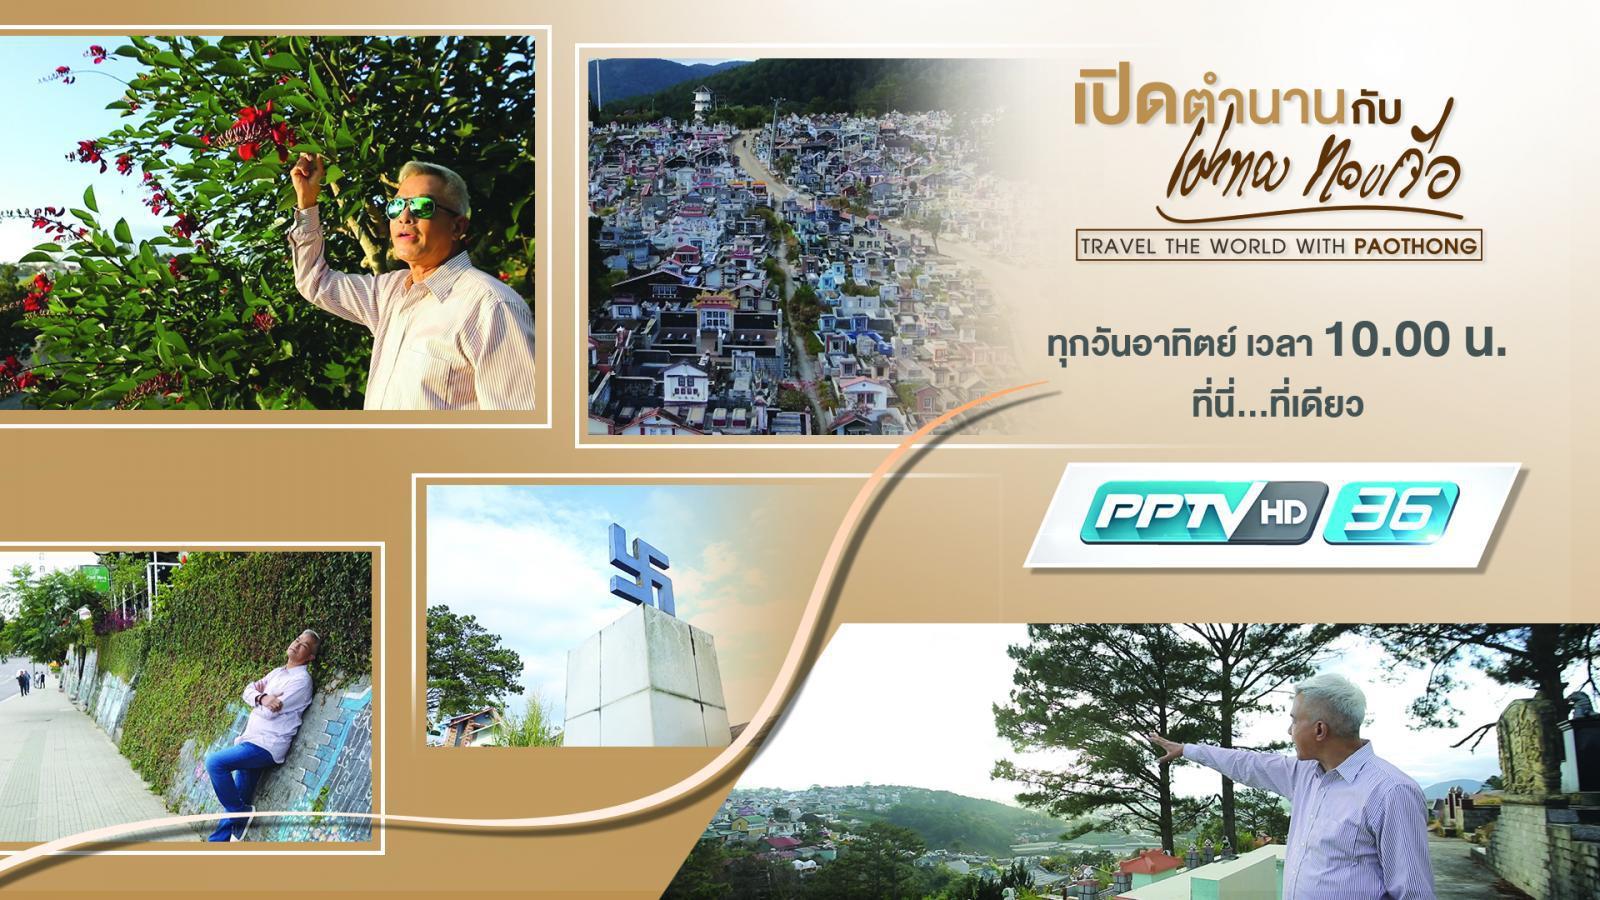 เมืองดาลัด ประเทศเวียดนาม